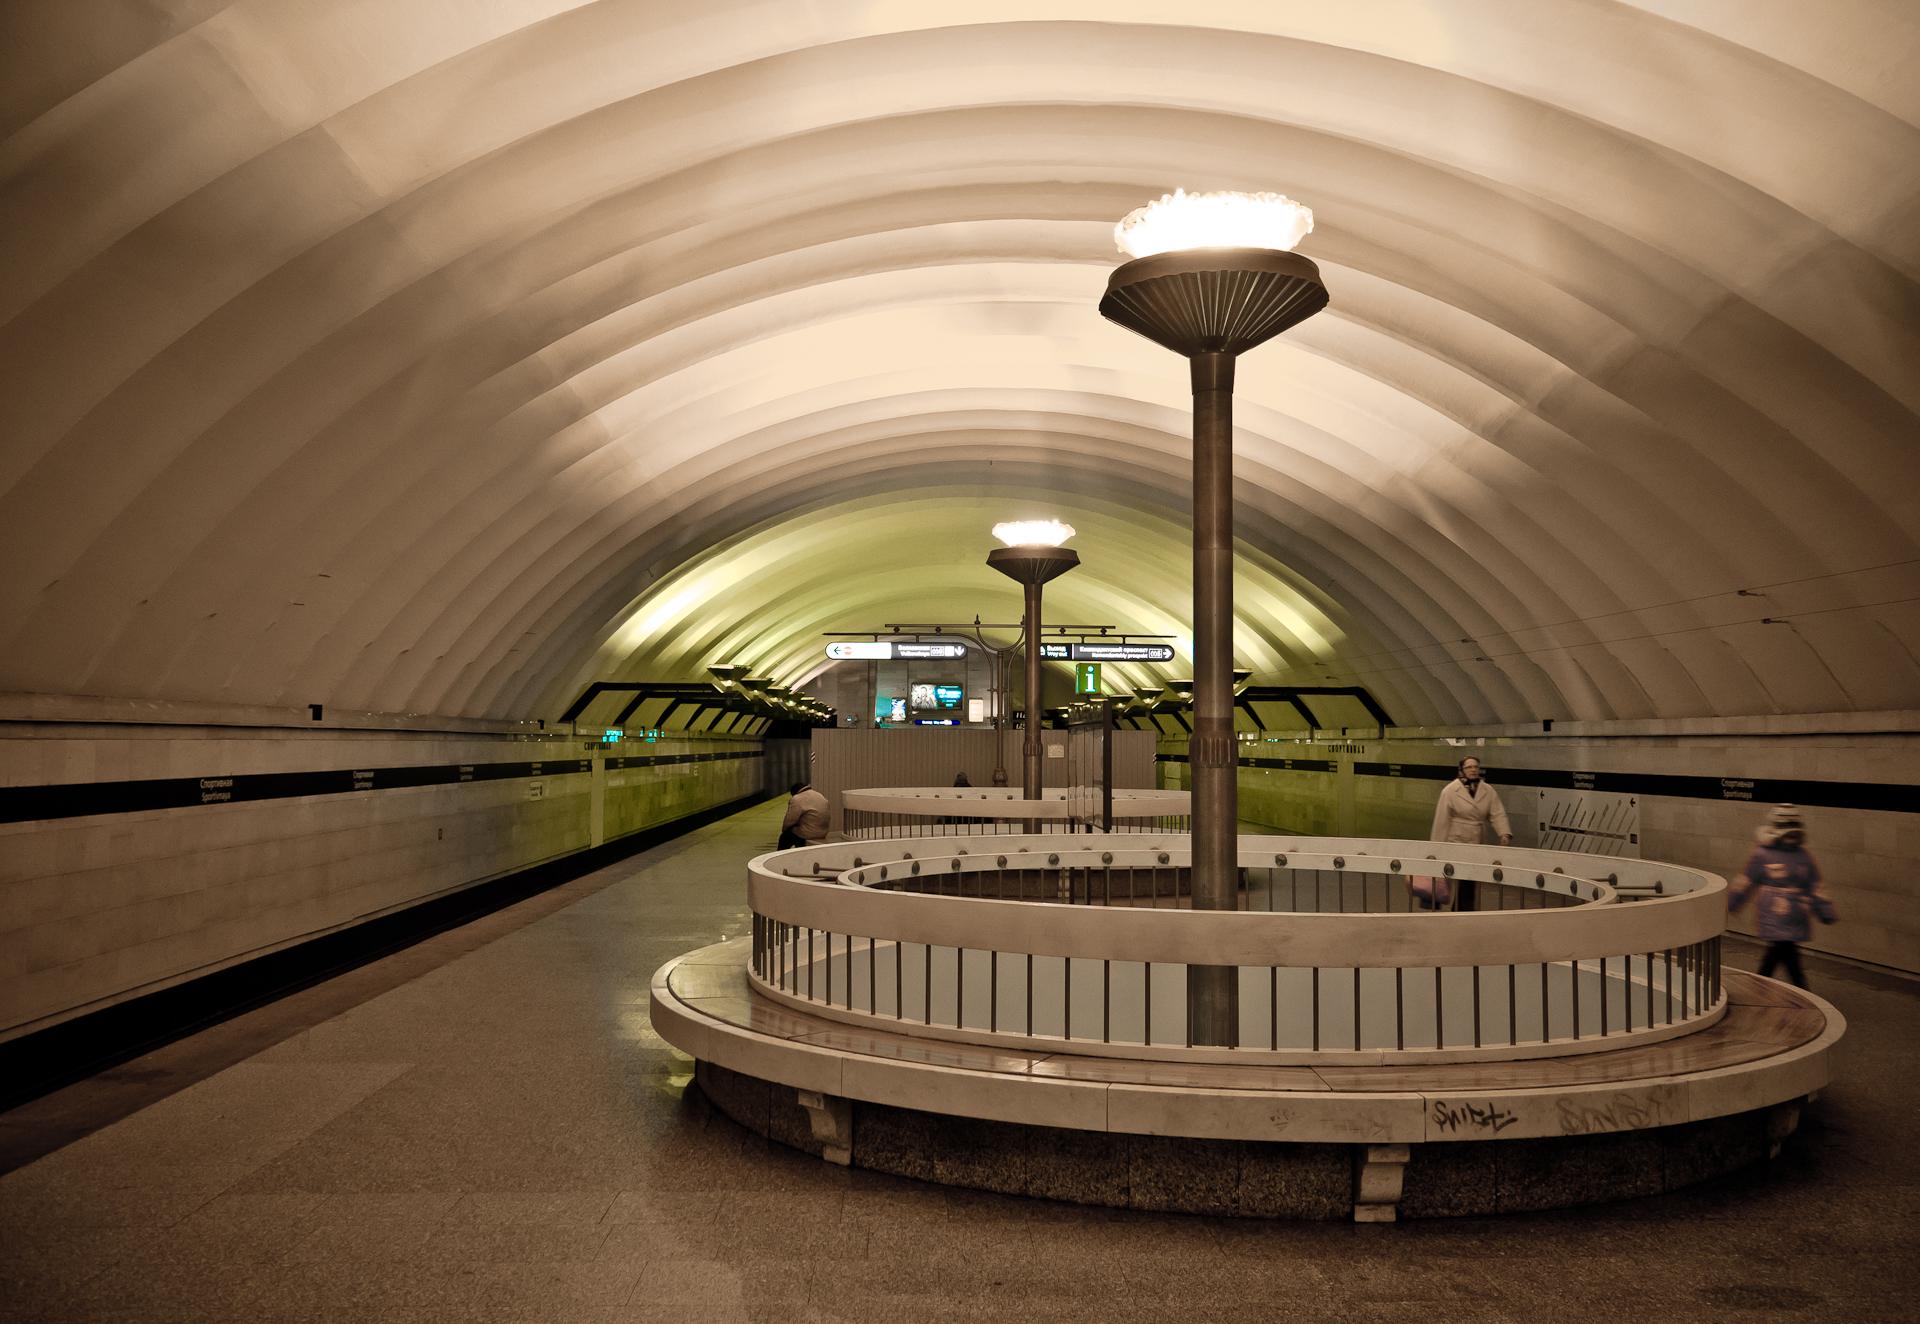 ВПетербурге закрыли станцию метро «Спортивная»